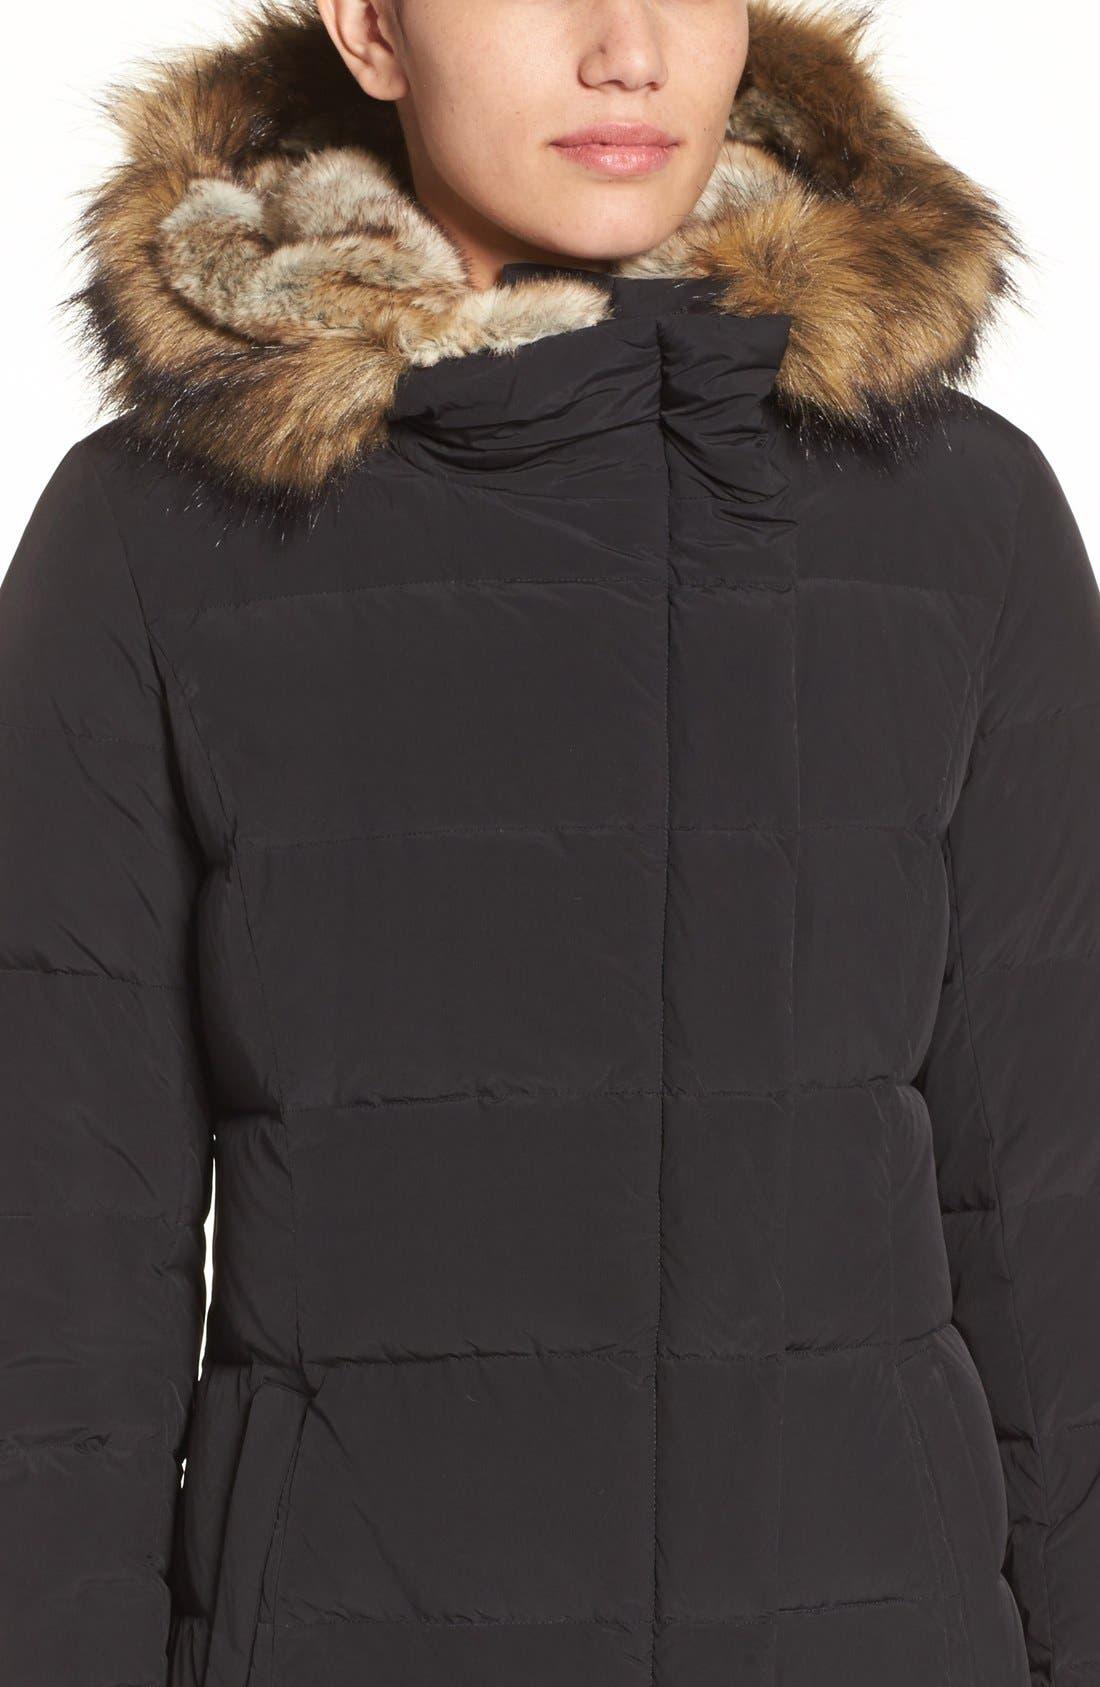 Asymmetrical Down Coat with Faux Fur Trim,                             Alternate thumbnail 4, color,                             001